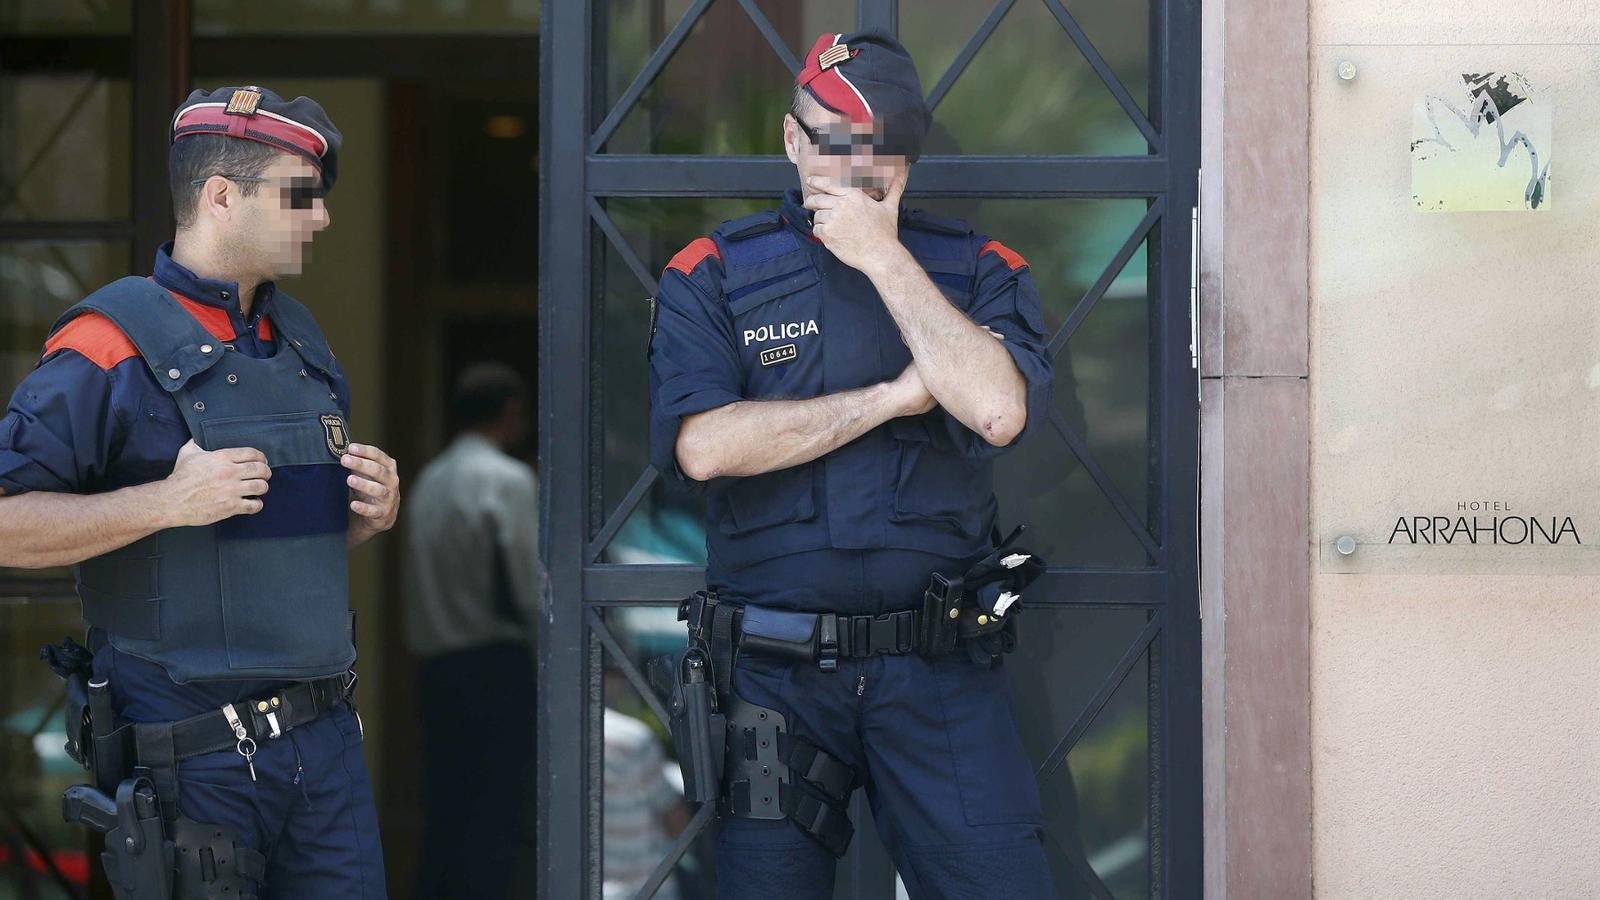 Dos agents dels Mossos, en un dels escorcolls d'ahir en el marc de l'operació contra una màfia xinesa